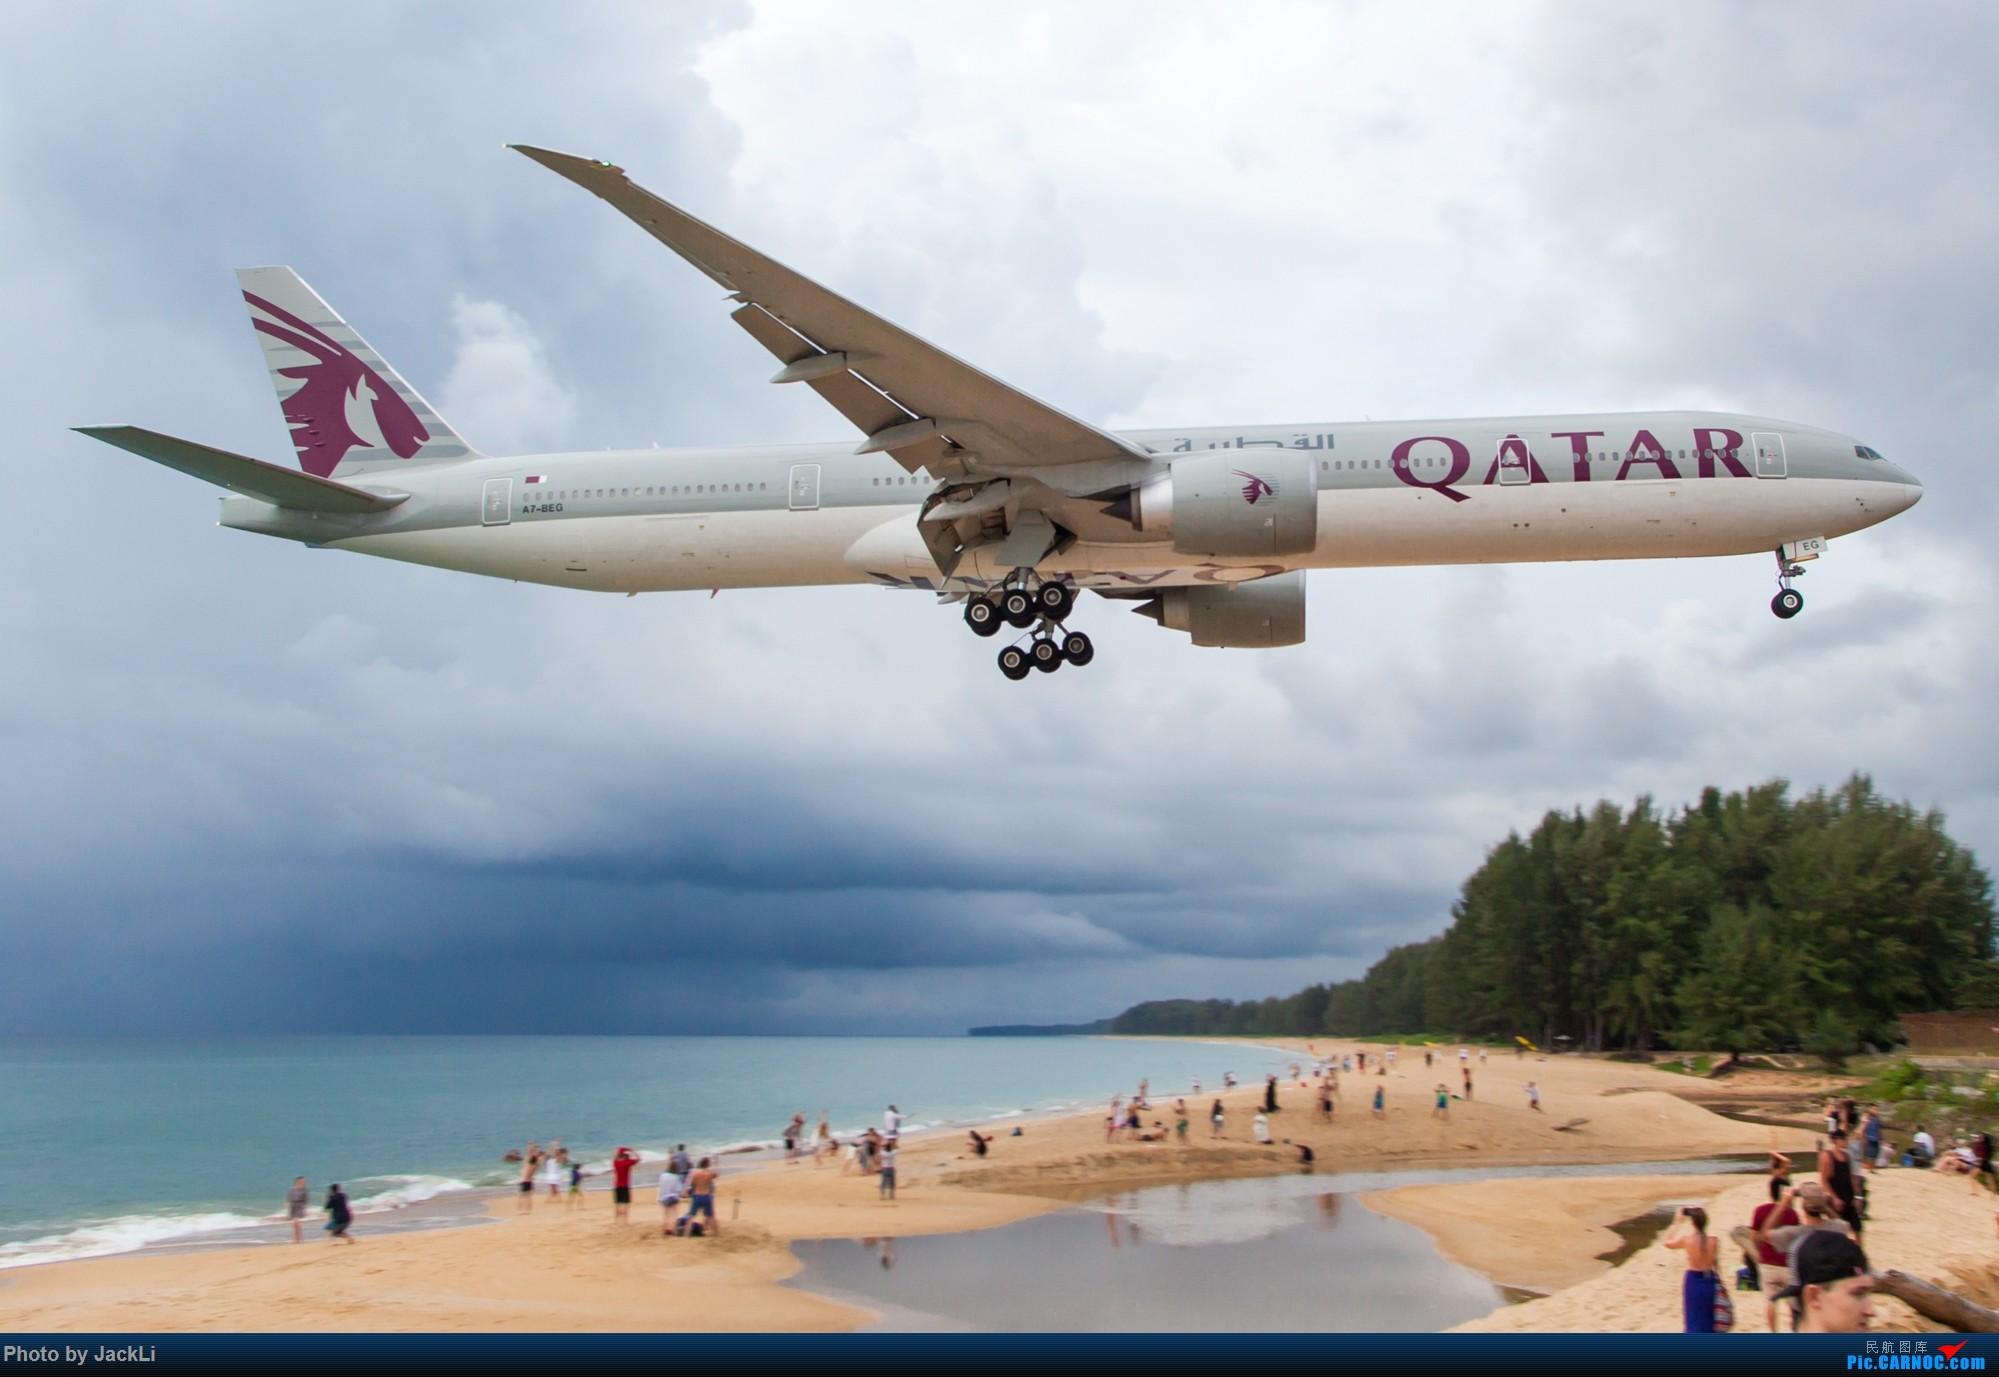 Re:[原创]【JackLi】亚洲圣马丁~普吉岛机场拍机 BOEING 777-300ER A7-BEG 泰国普吉机场